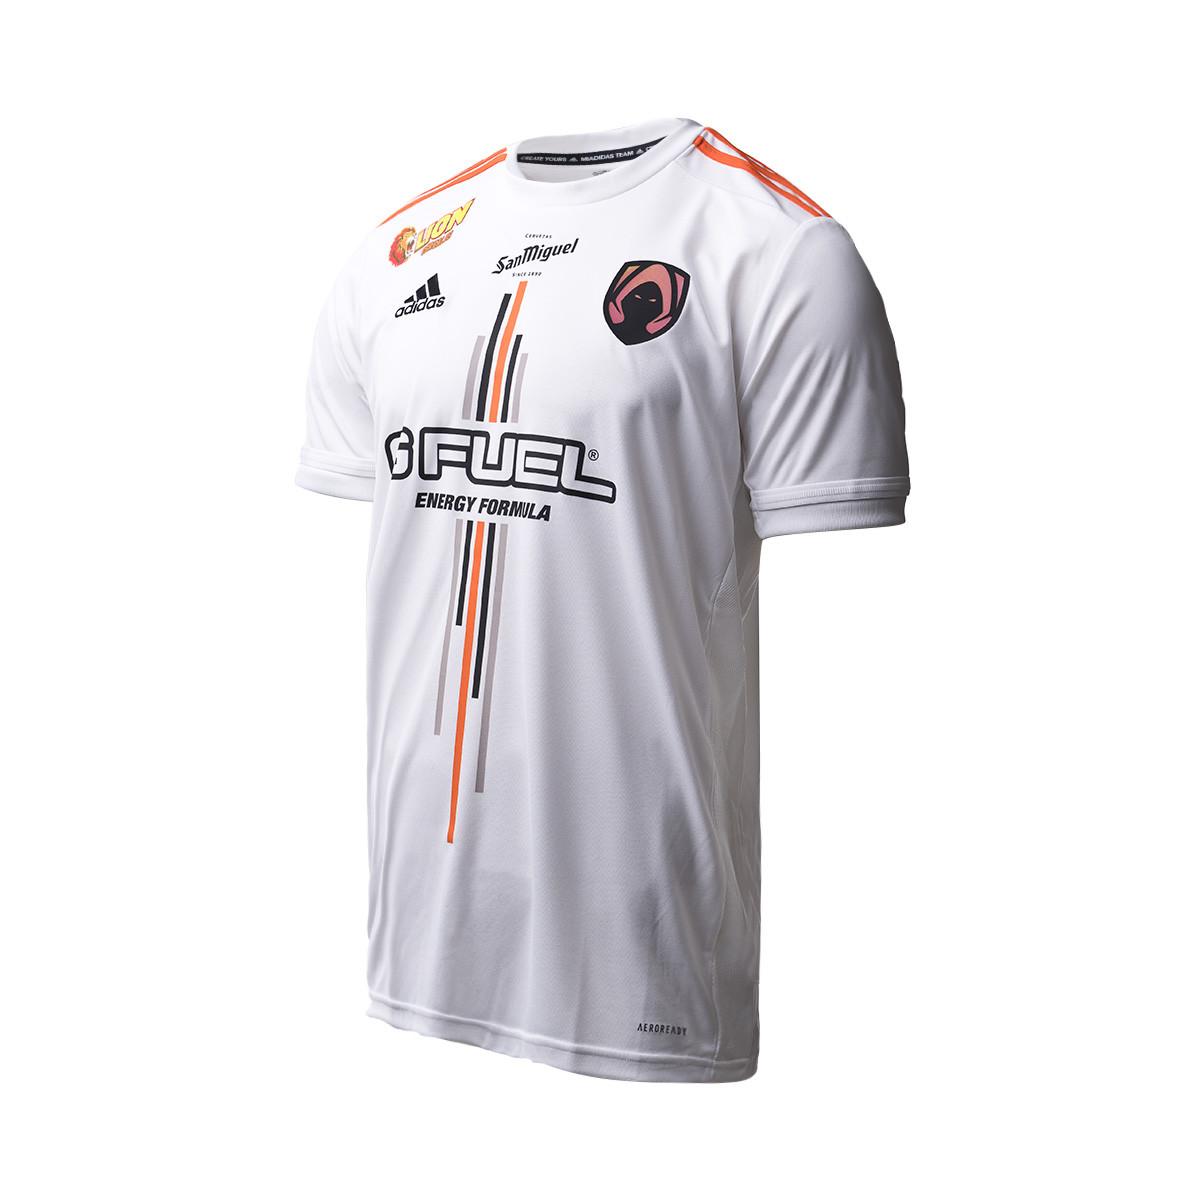 Microordenador huevo Por  Camiseta adidas Heretics Primera Equipación 2020-2021 White - Tienda de  fútbol Fútbol Emotion